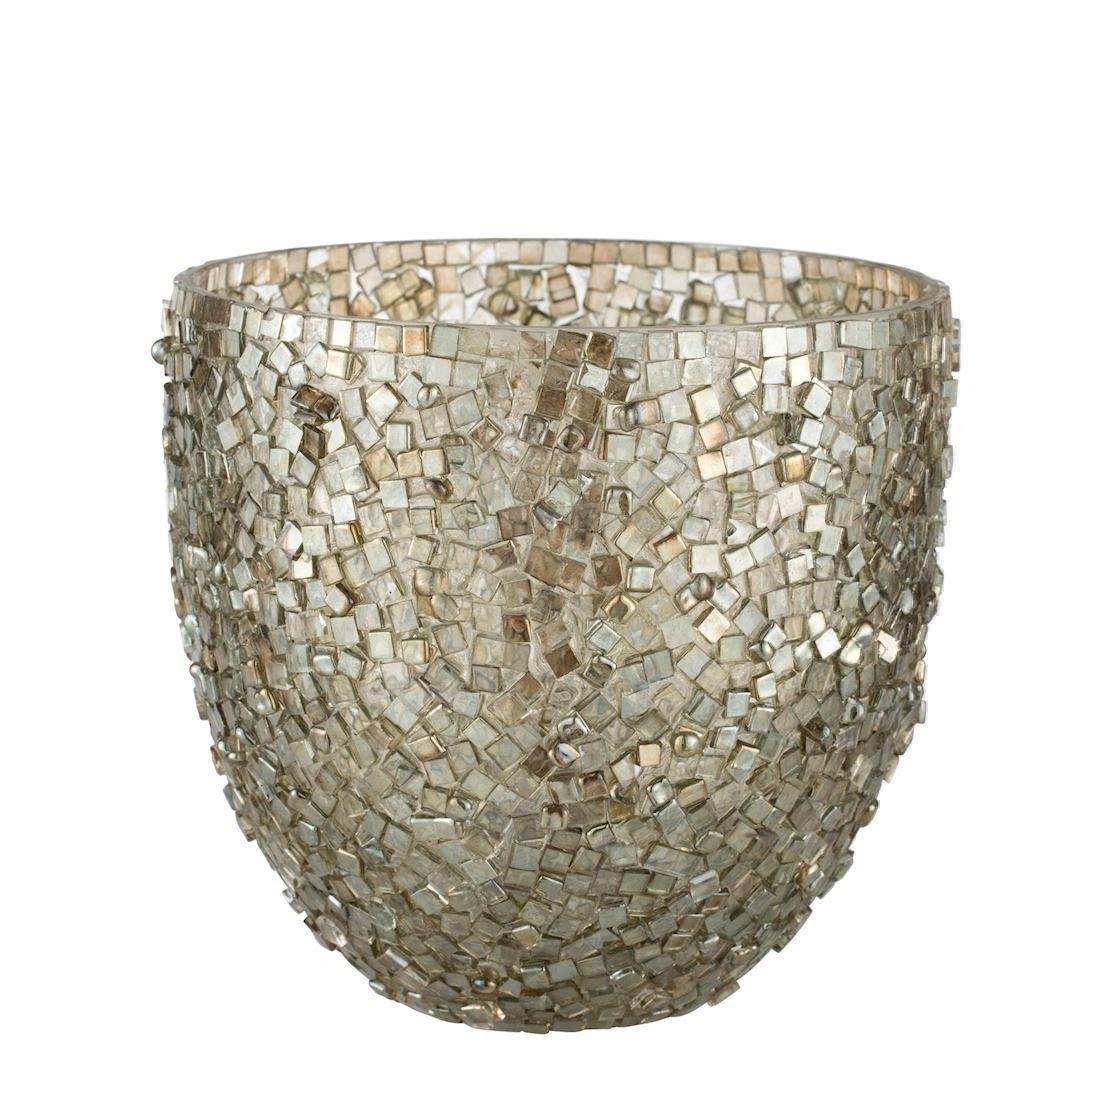 Image of Aimi fyrfadsstage med mosaikker i lys guld 15 cm fra Lene Bjerre